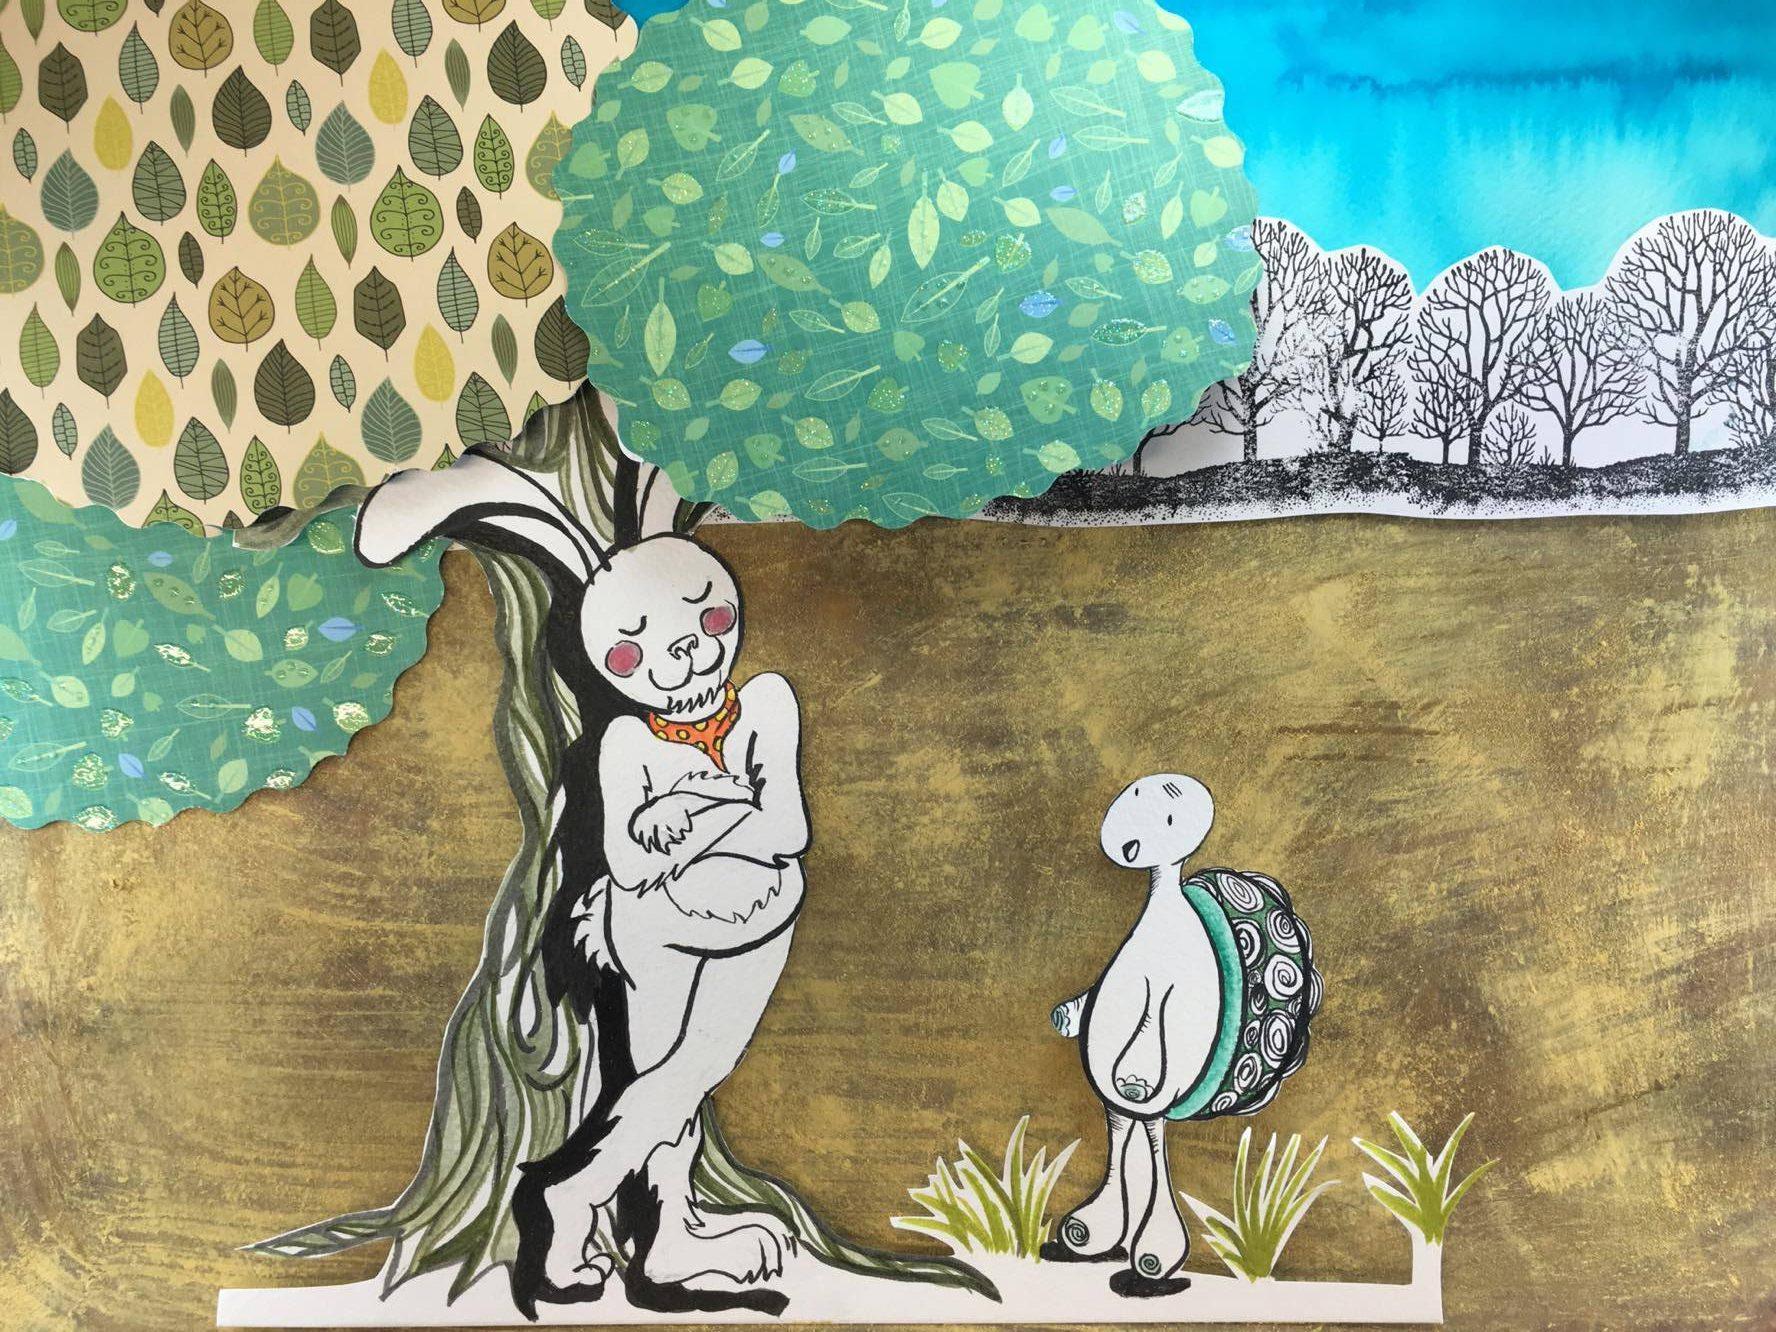 La liebre y la tortuga cuento infantil ilustrado ~ Objetivo Tutti Frutti